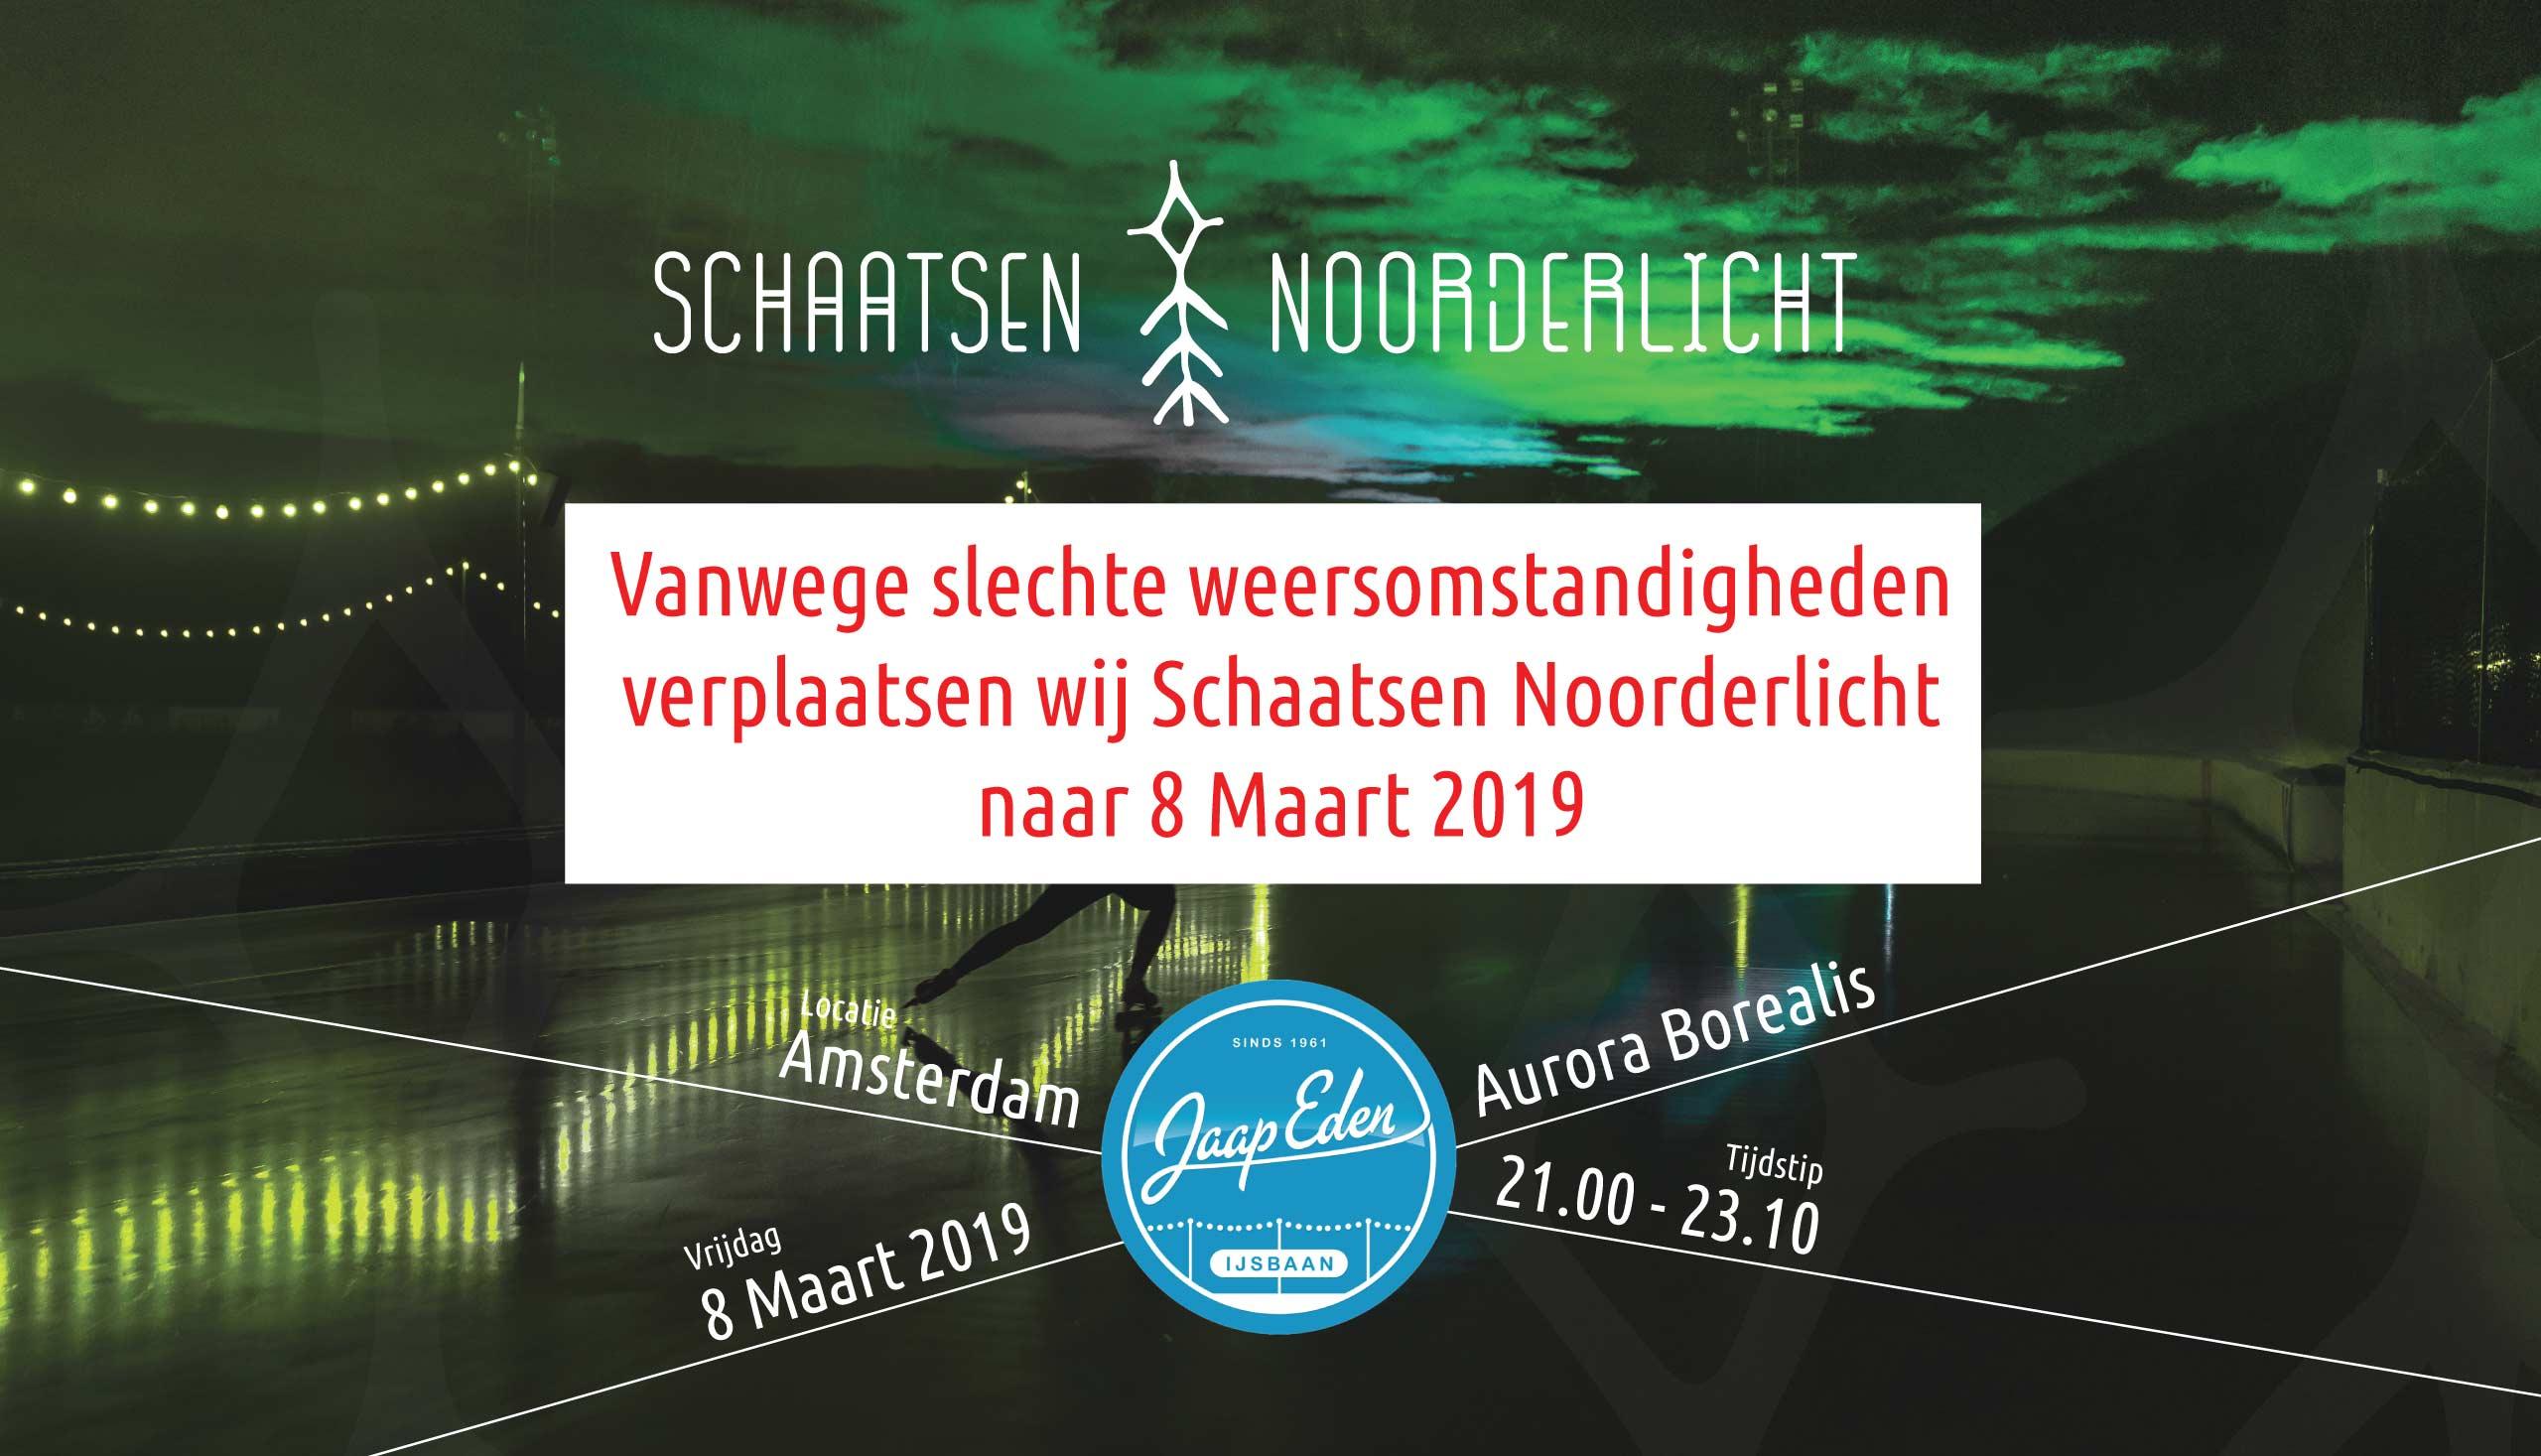 Schaatsen-Noorderlicht-verplaatsen-8-maart-2019